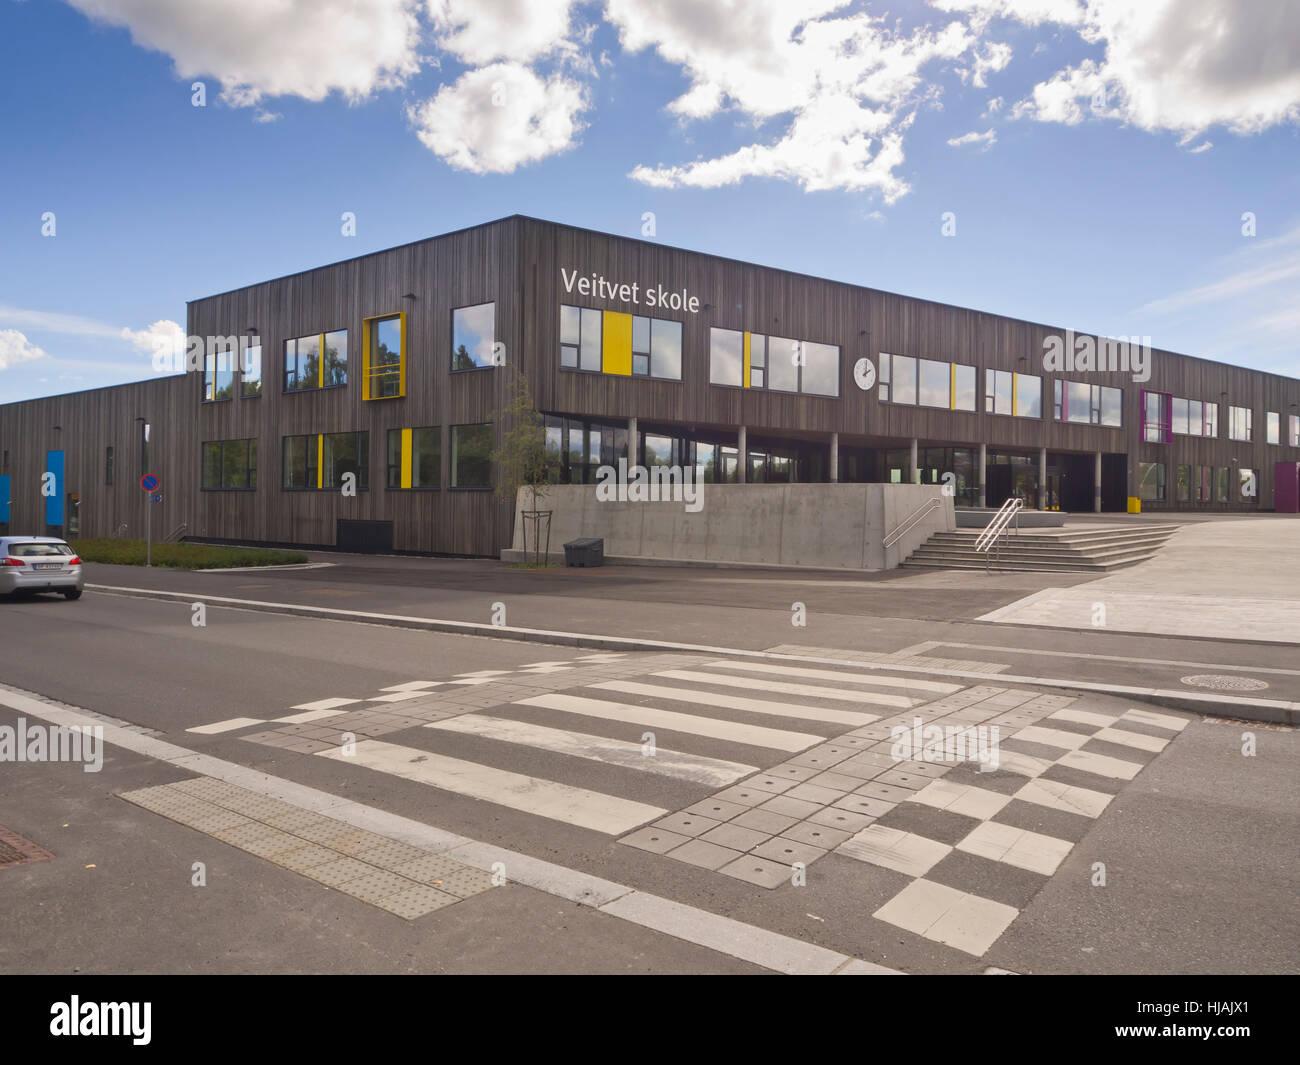 L'école Veitvet dans une banlieue d'Oslo en Norvège, l'architecture moderne avec des panneaux Photo Stock